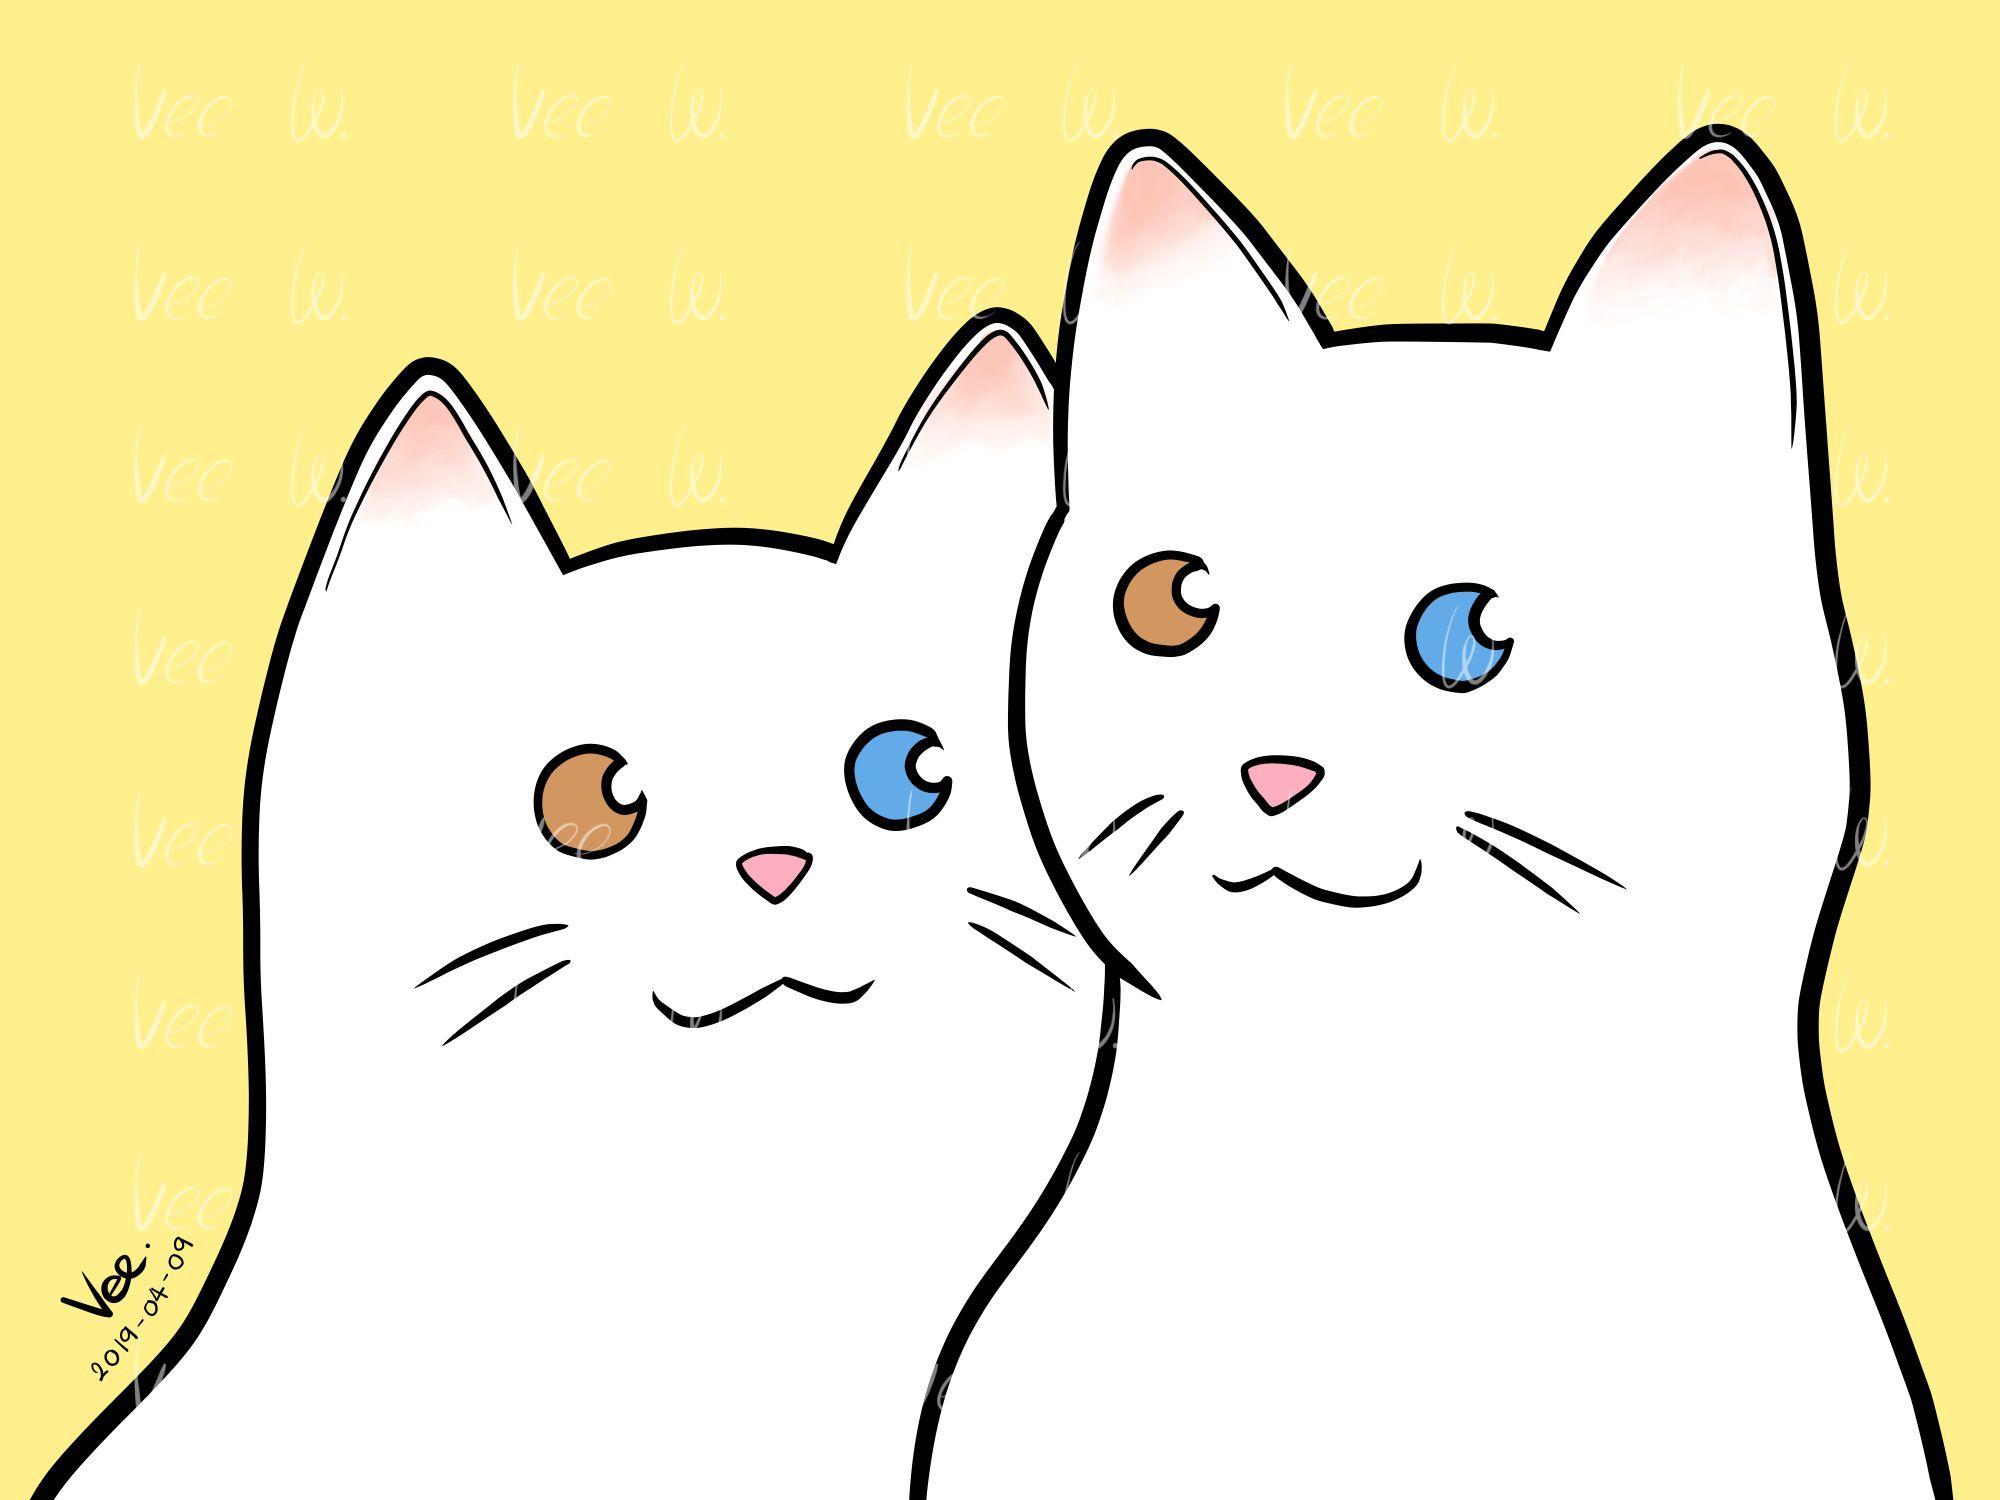 ภาพวาดแมวค ตา 2 ส ในร ปแบบการ ต น ต วภาพท พ มพ แล วสามารถป องก นน ำได ส ไม หล ดหร อละลายเม อโดนน ำ ไม แนะนำให นำภาพไปแช ลงในน ำหร สอนวาดร ป ส พ นหล ง